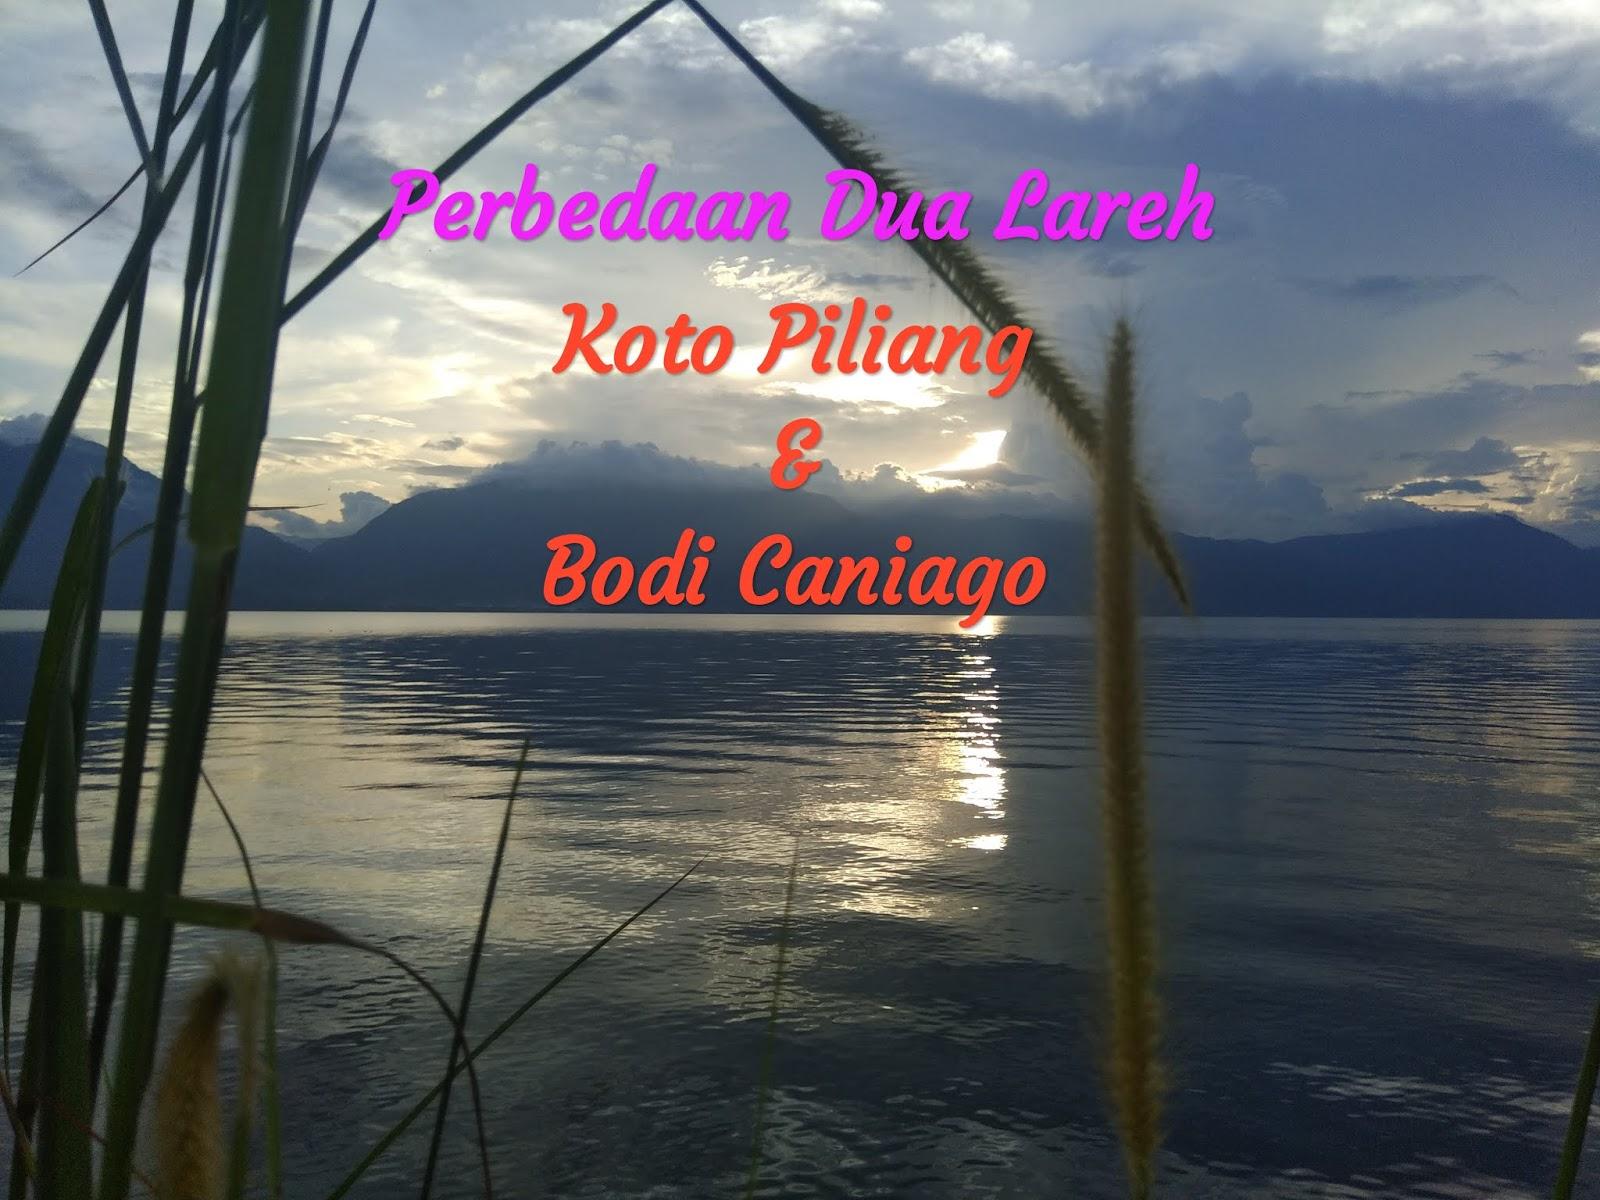 Perbedaan Lareh Koto Piliang dan Lareh Bodi Caniago di Minangkabau